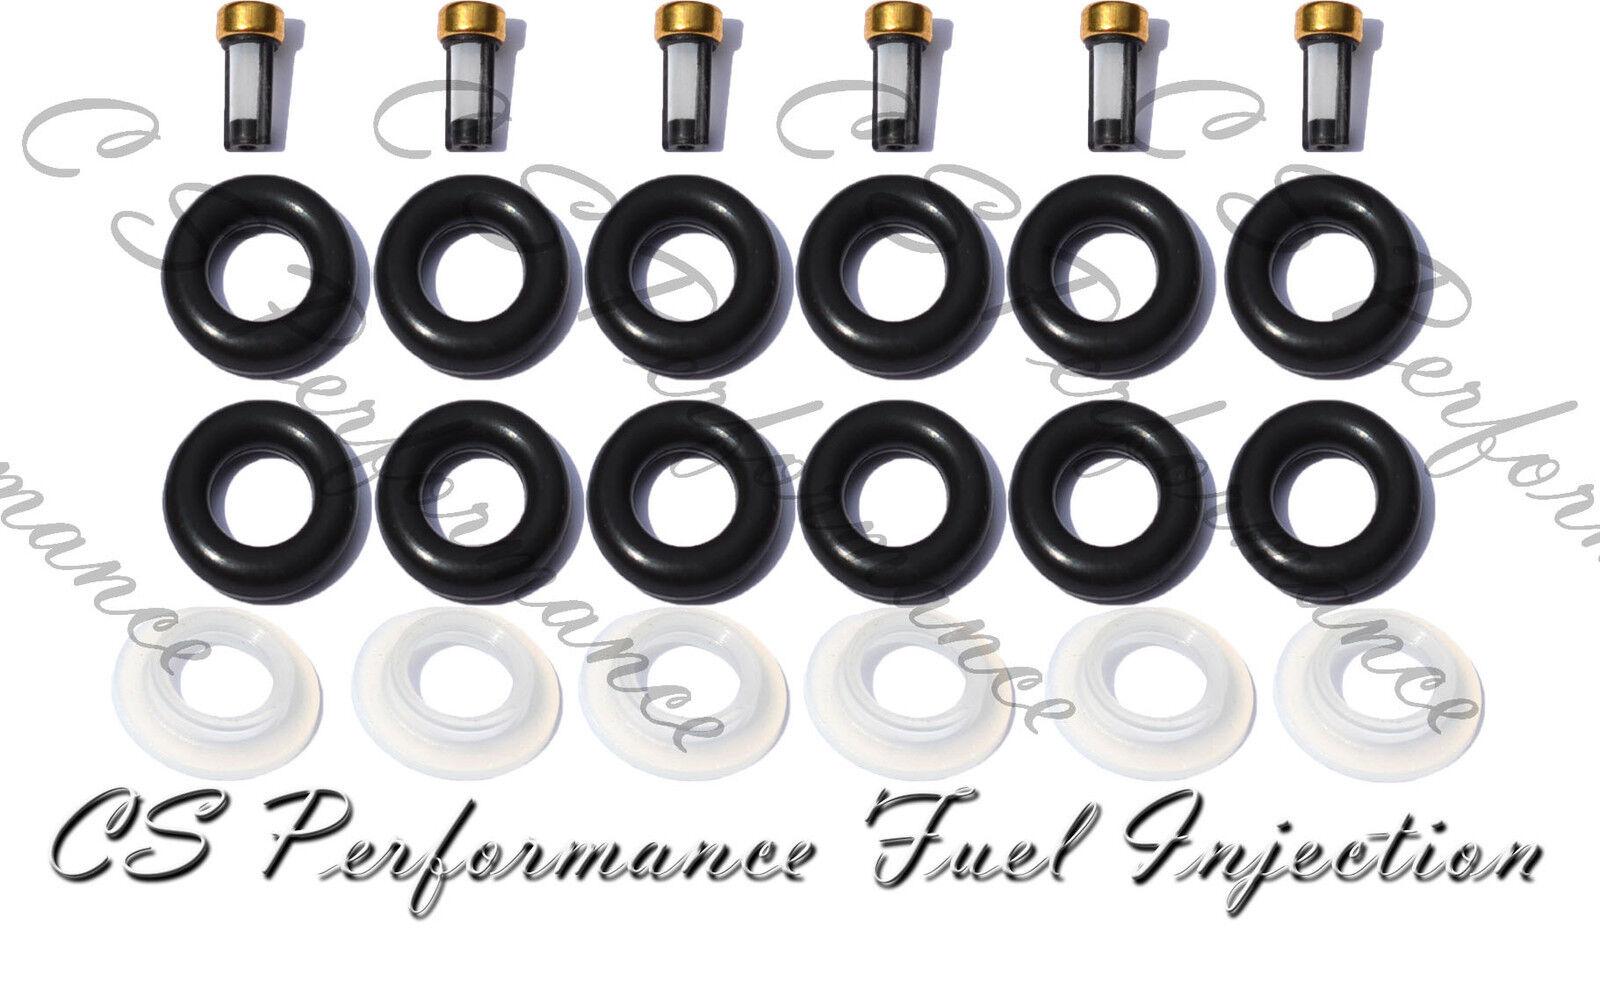 Rebuild Kit Orings Filters Pintle Dodge Ram V8 4.7L 5.7L Fuel Injector Service